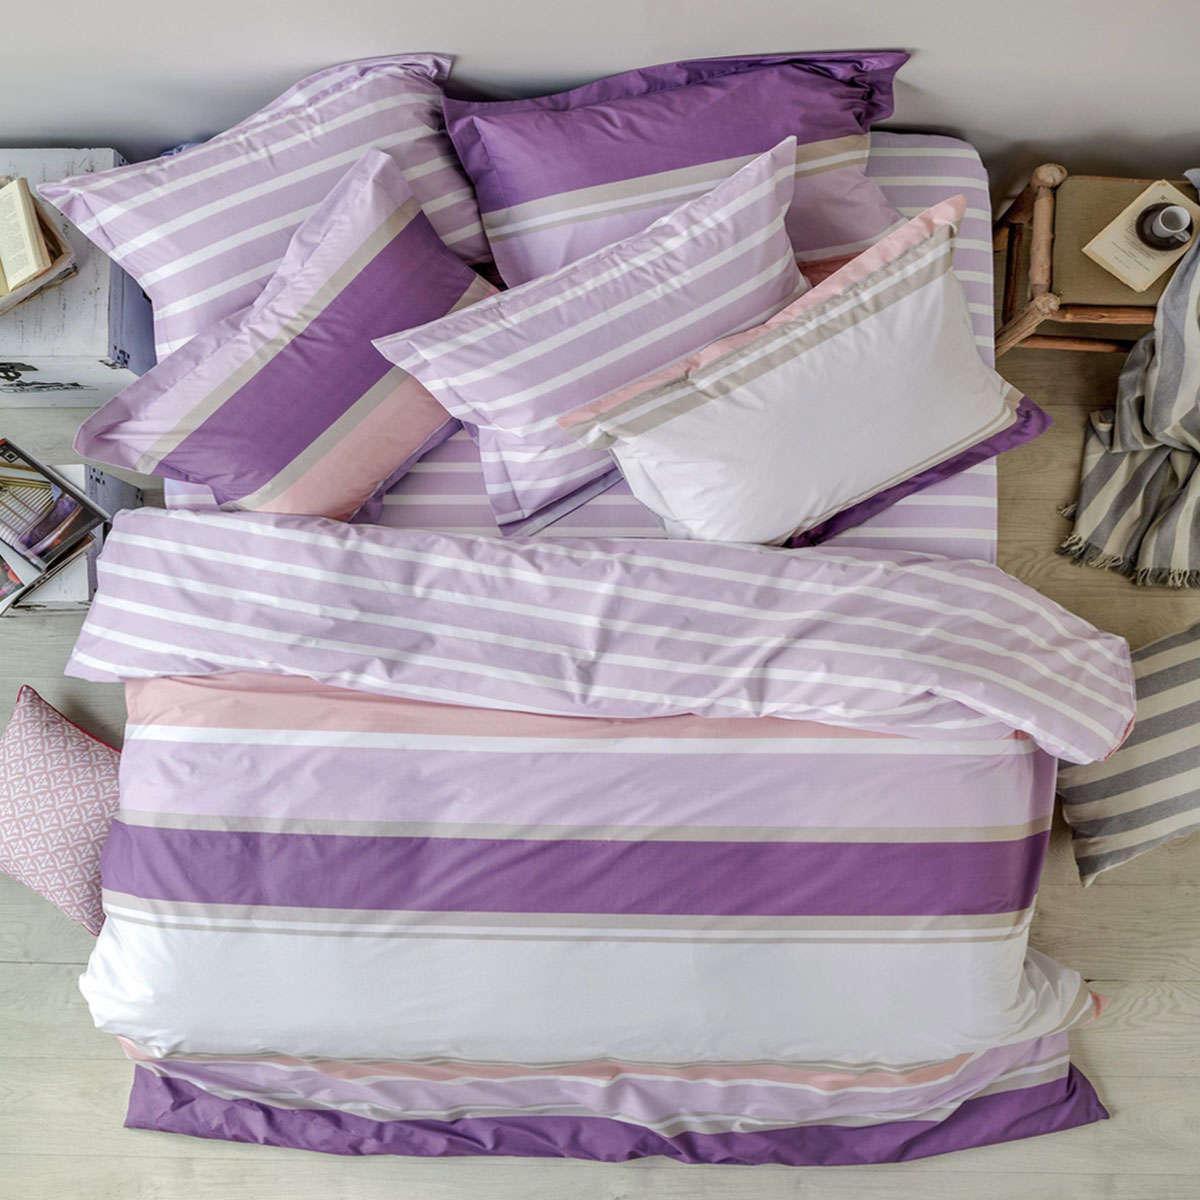 Παπλωματοθήκη Σετ Bosco 42 Purple 3 Τεμ. Kentia Υπέρδιπλo 220x240cm